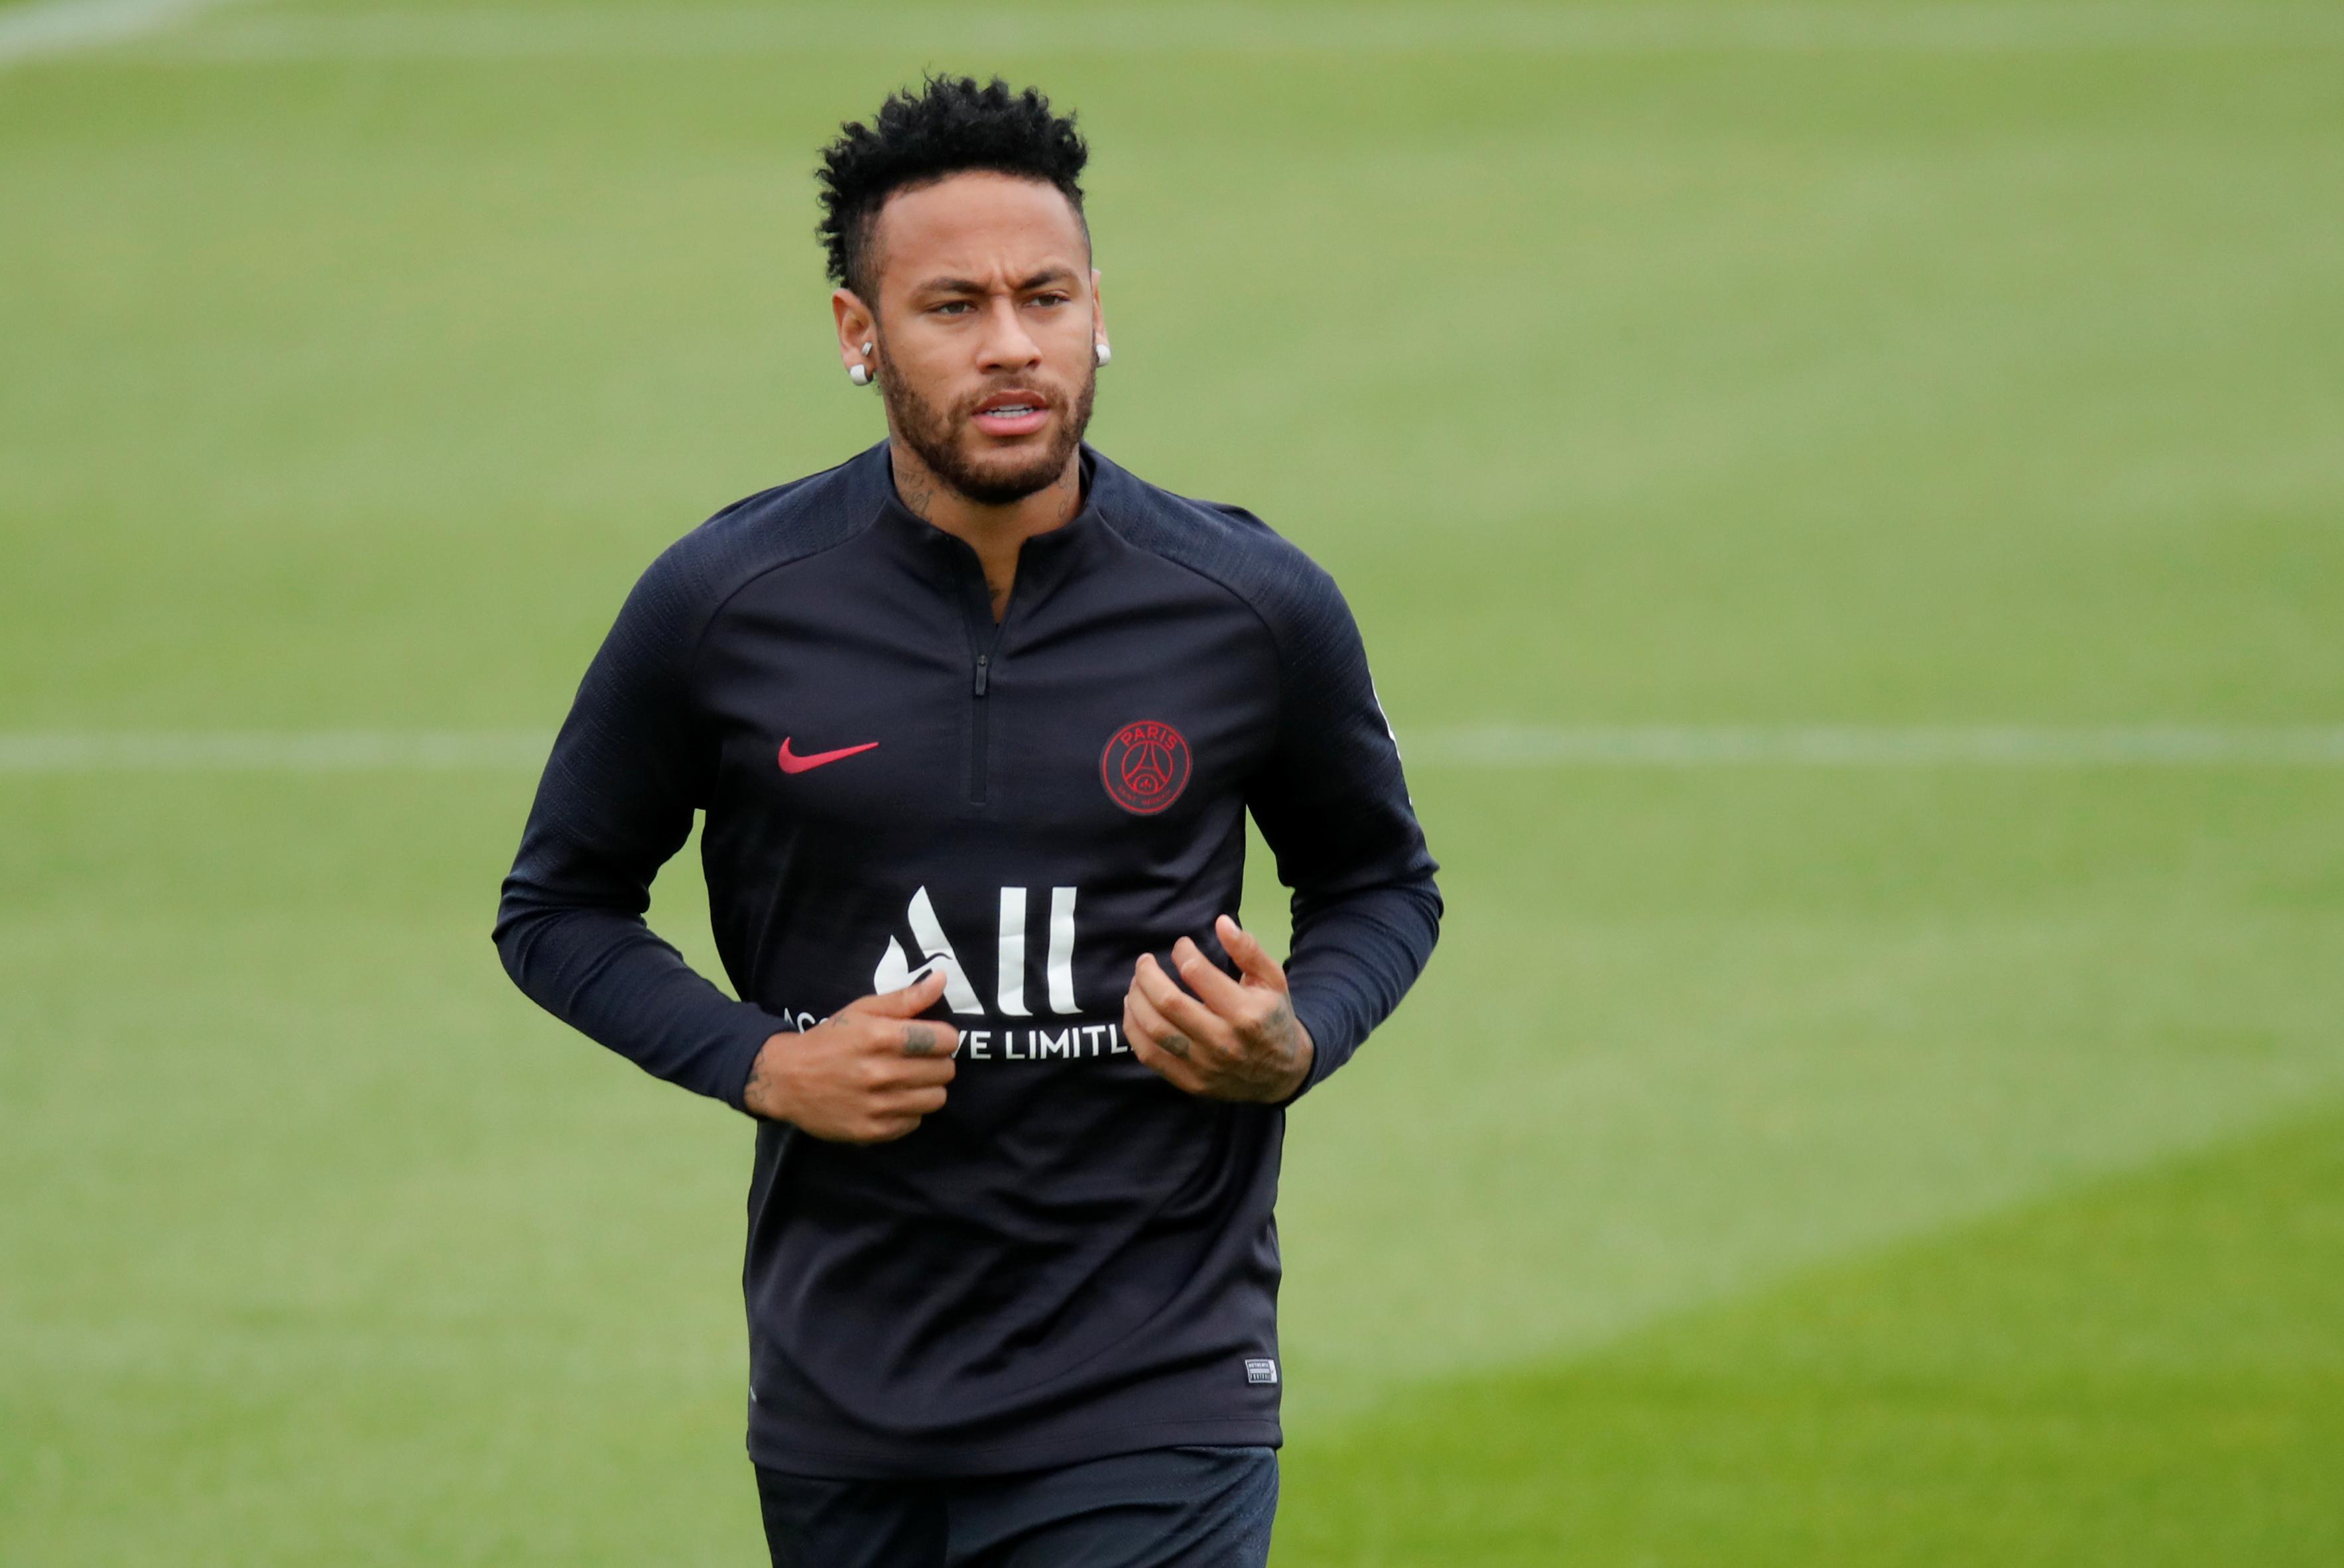 Football - Transferts - Quels sont les contours de l'offre reçue par le PSG pour Neymar ?